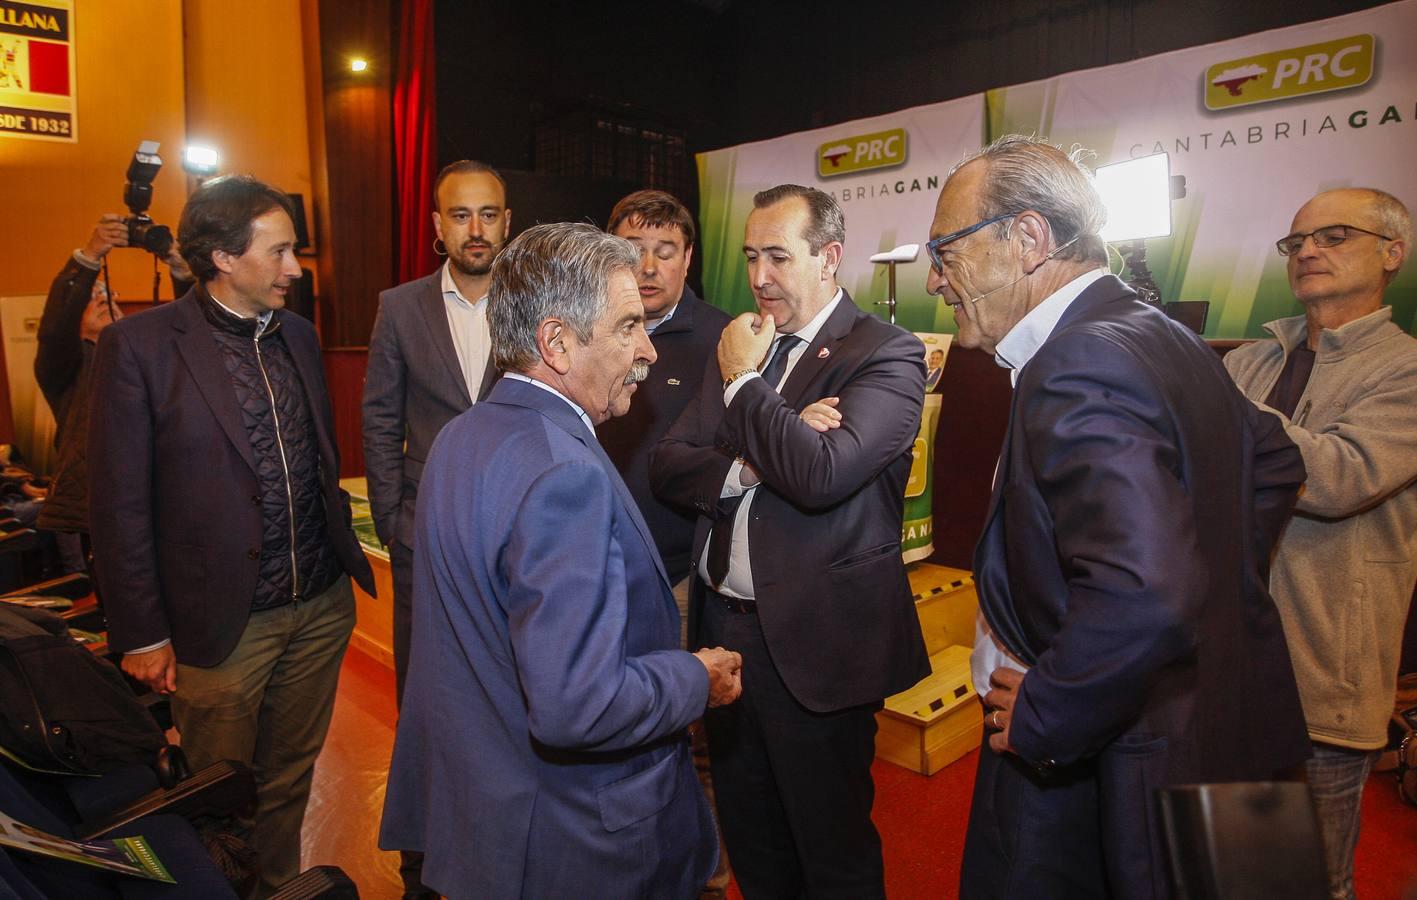 «Hemos hecho historia en Madrid y ahora toca ganar en Cantabria y en Torrelavega»